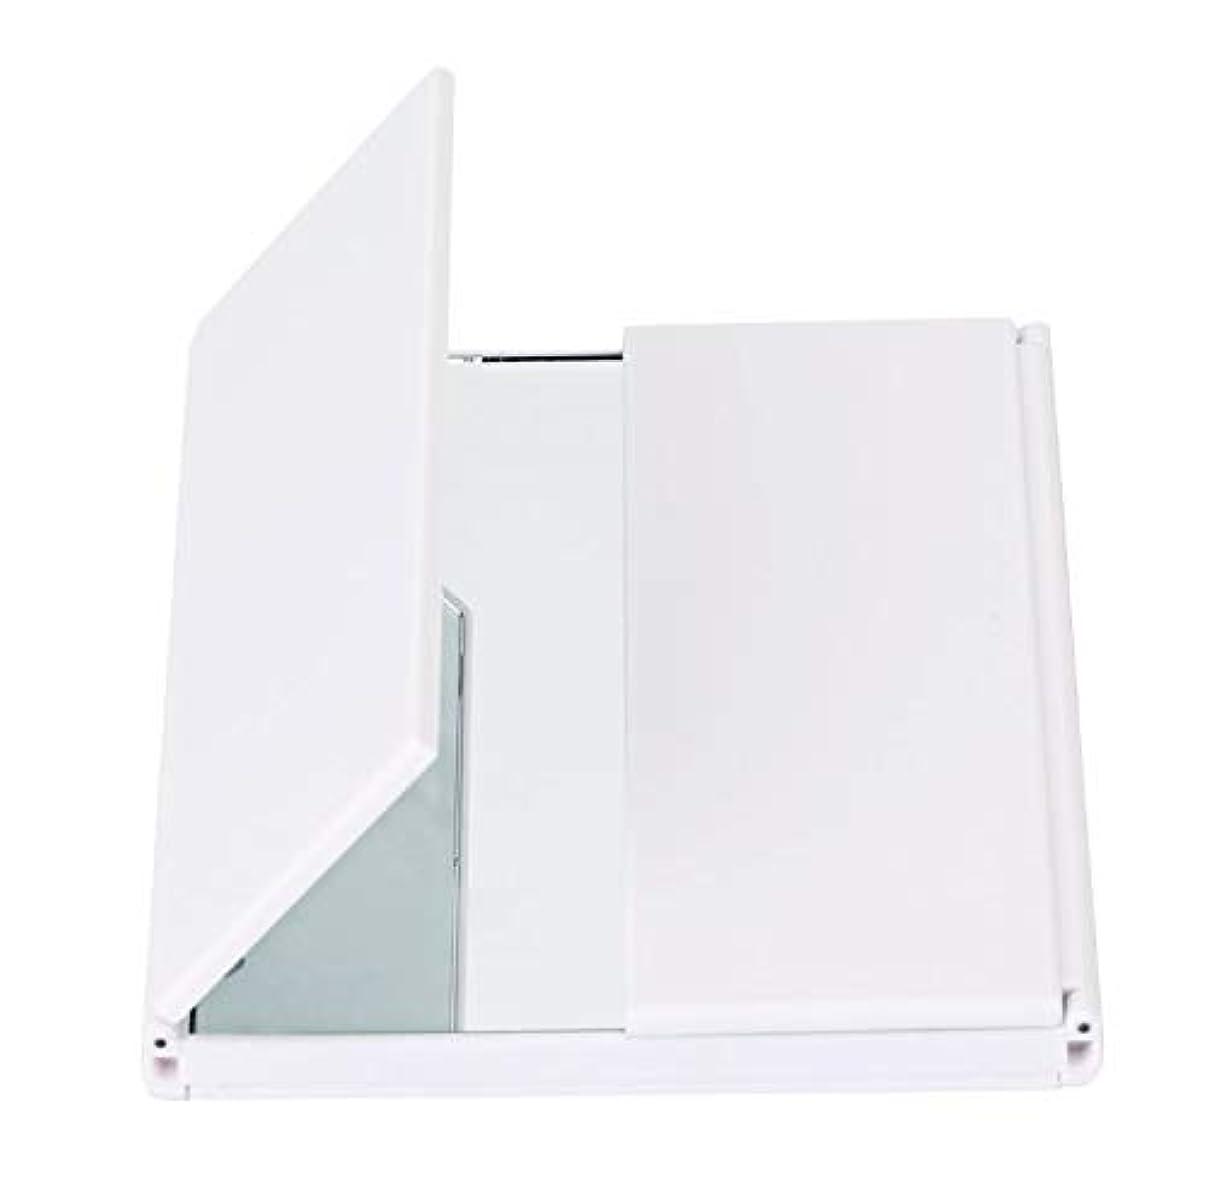 反発会議支出化粧鏡、導かれた軽い旅行化粧品のギフトが付いている三重の虚栄心ミラーの卓上スタンド (Color : ホワイト)